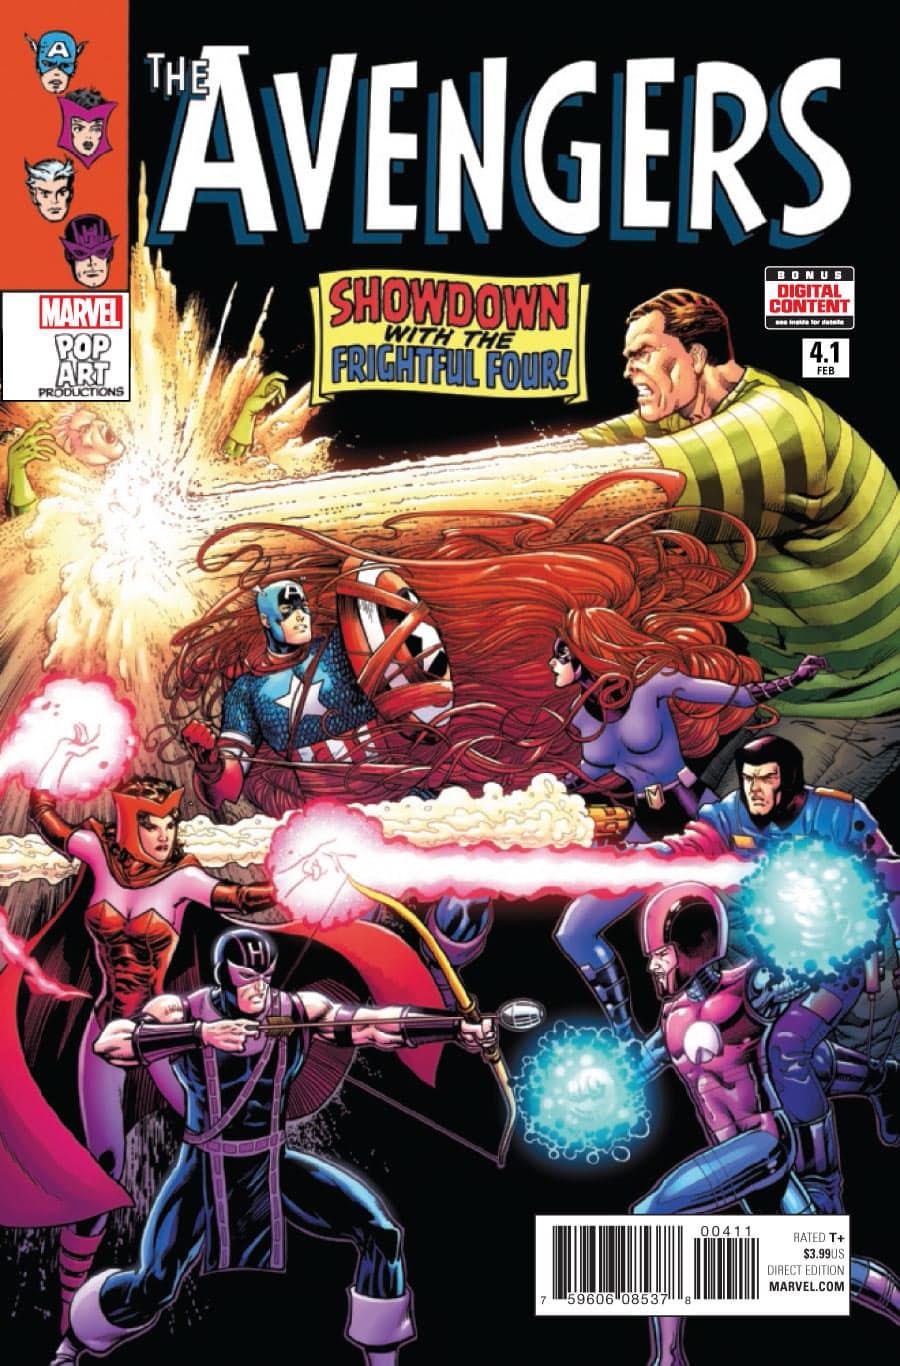 Avengers Vol 7 4.1.jpg